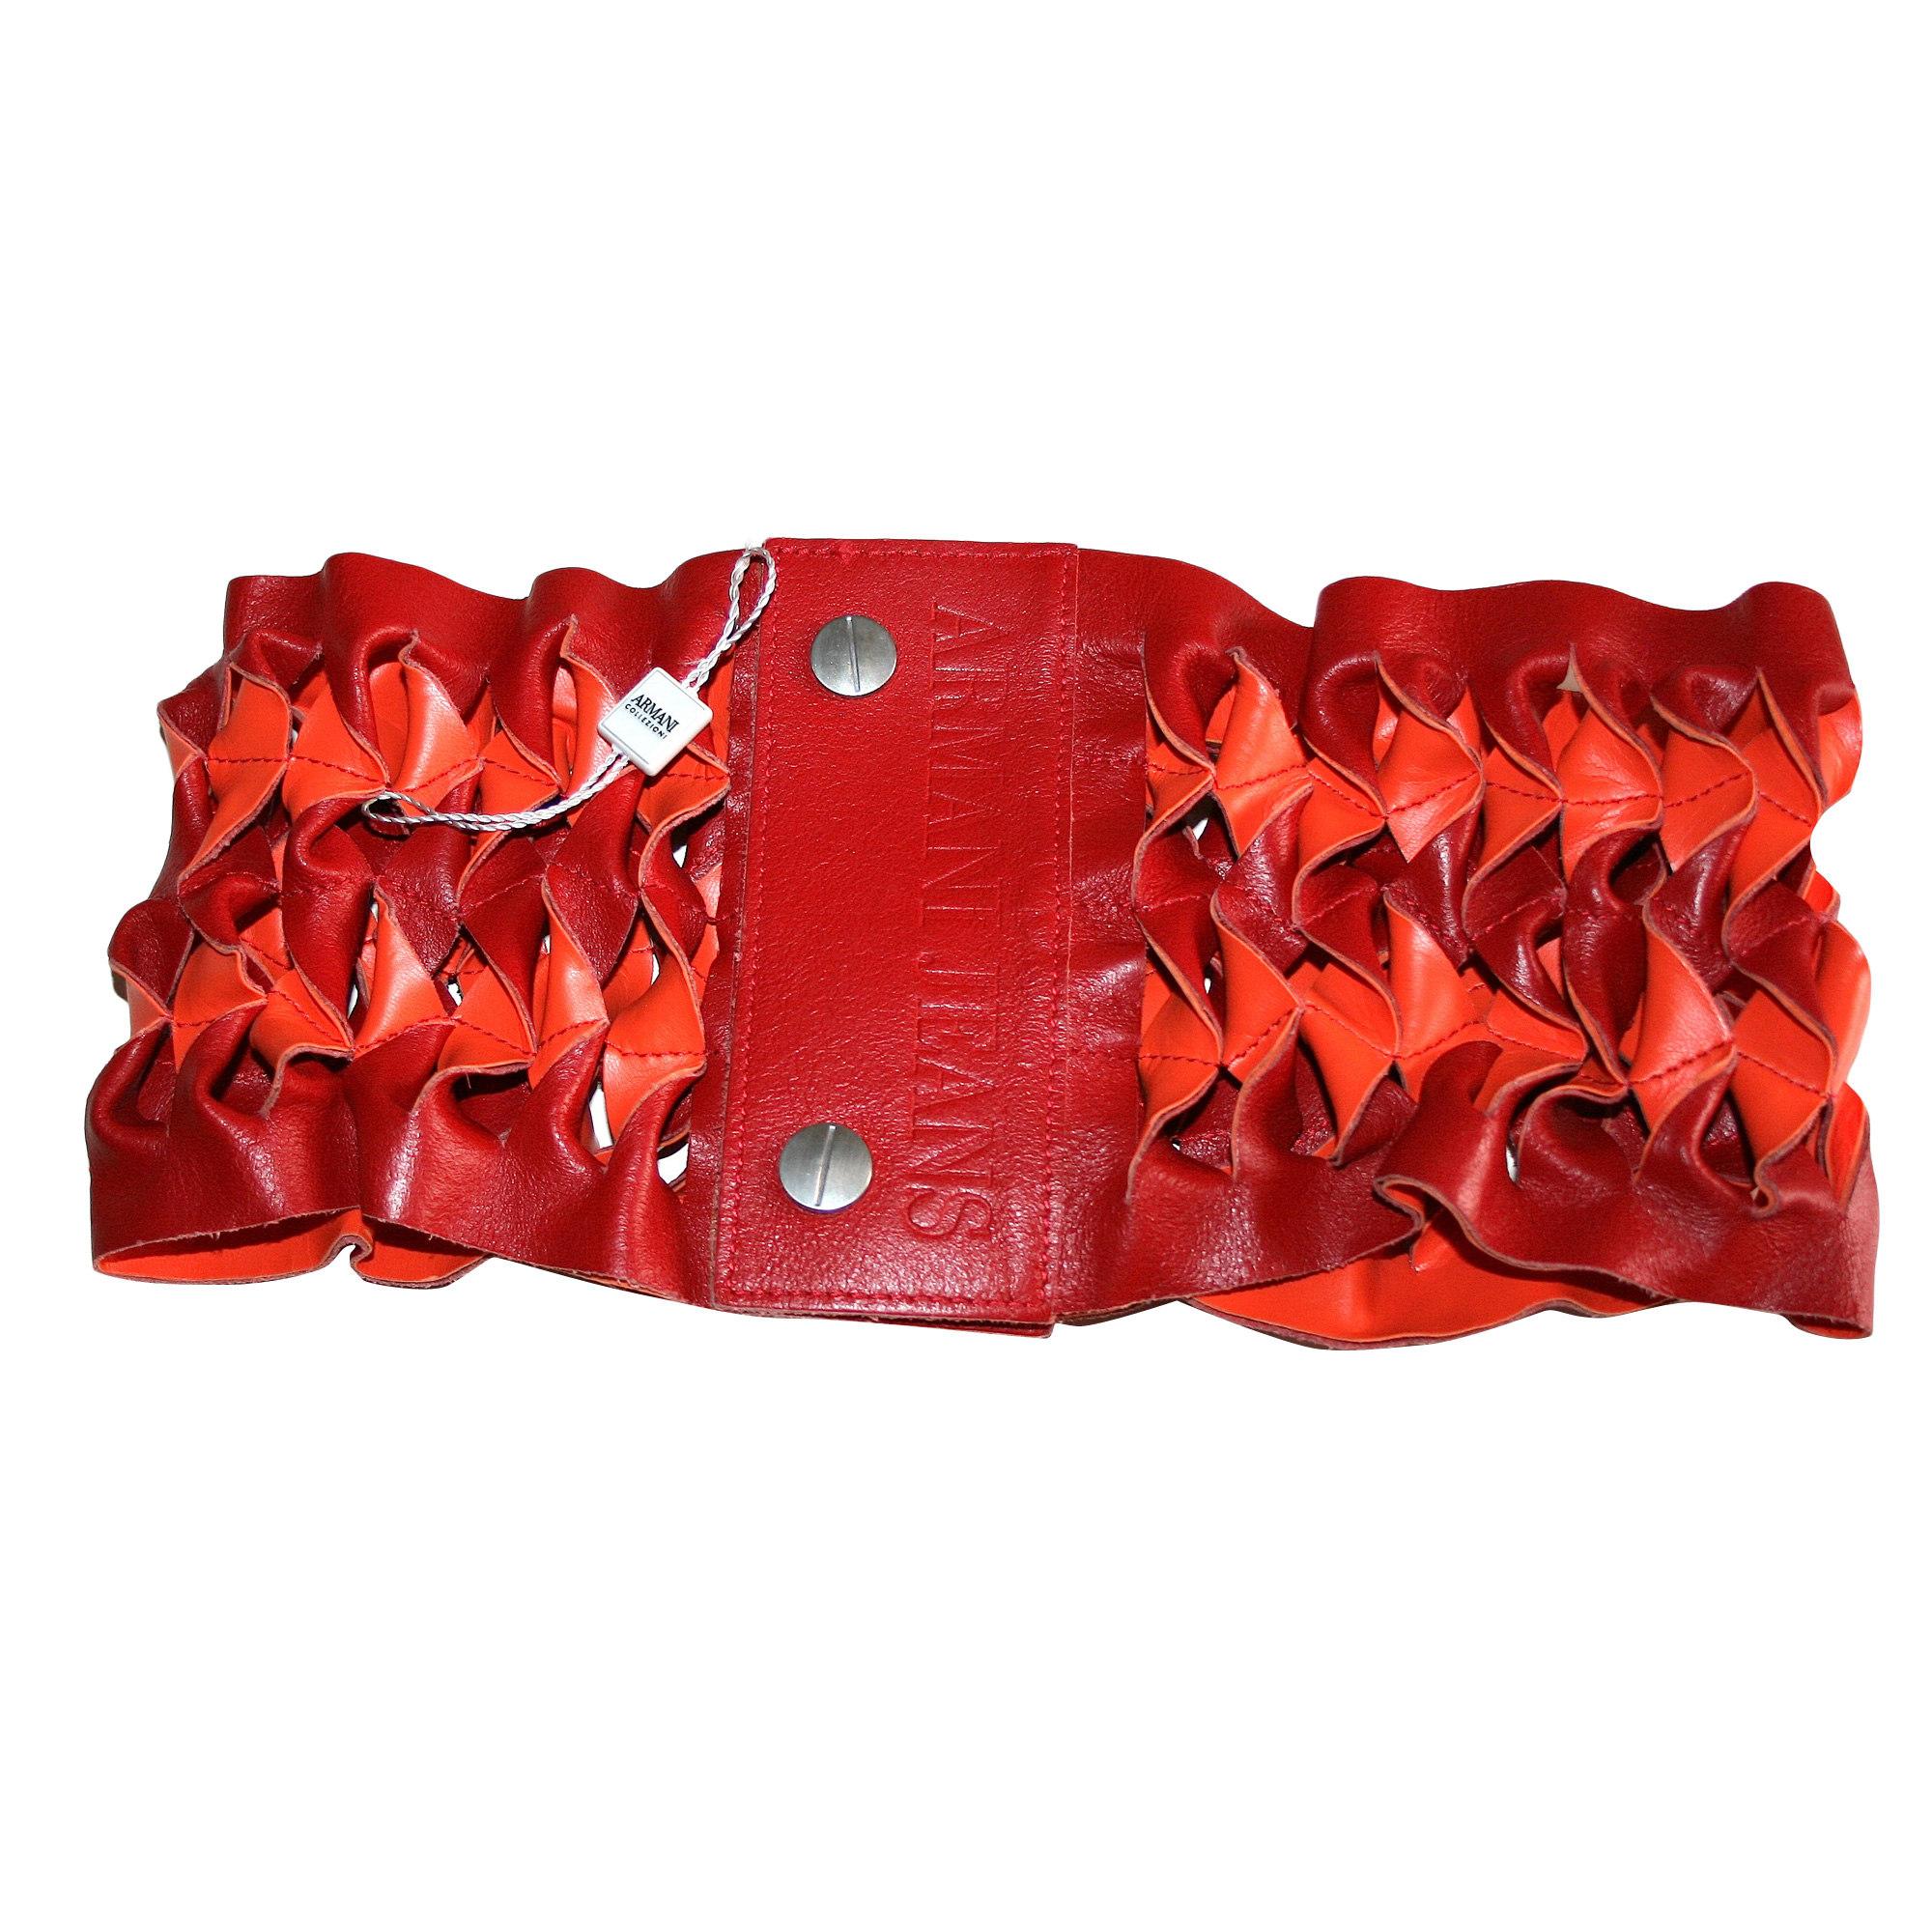 f4a5e99e2e56 Ceinture large ARMANI JEANS Autre rouge - 6877760